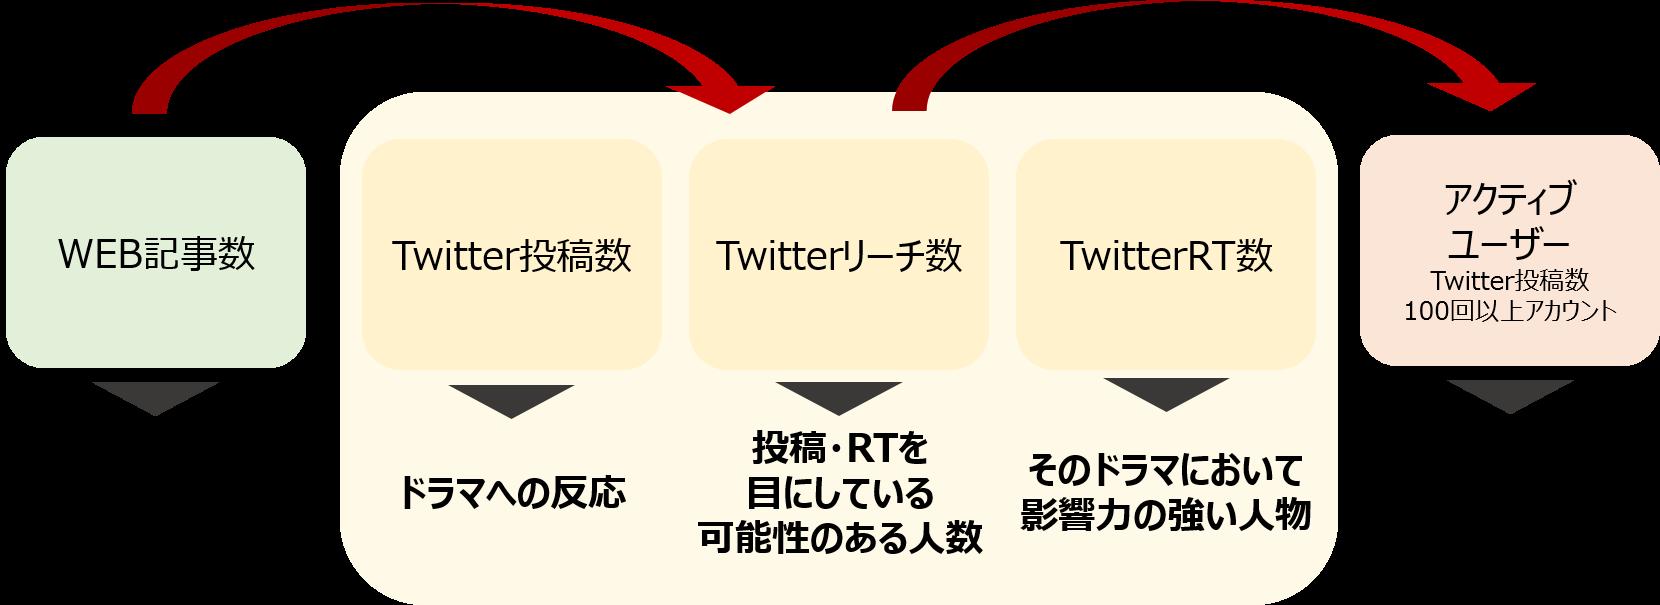 率 視聴 2020 ランキング 冬 ドラマ